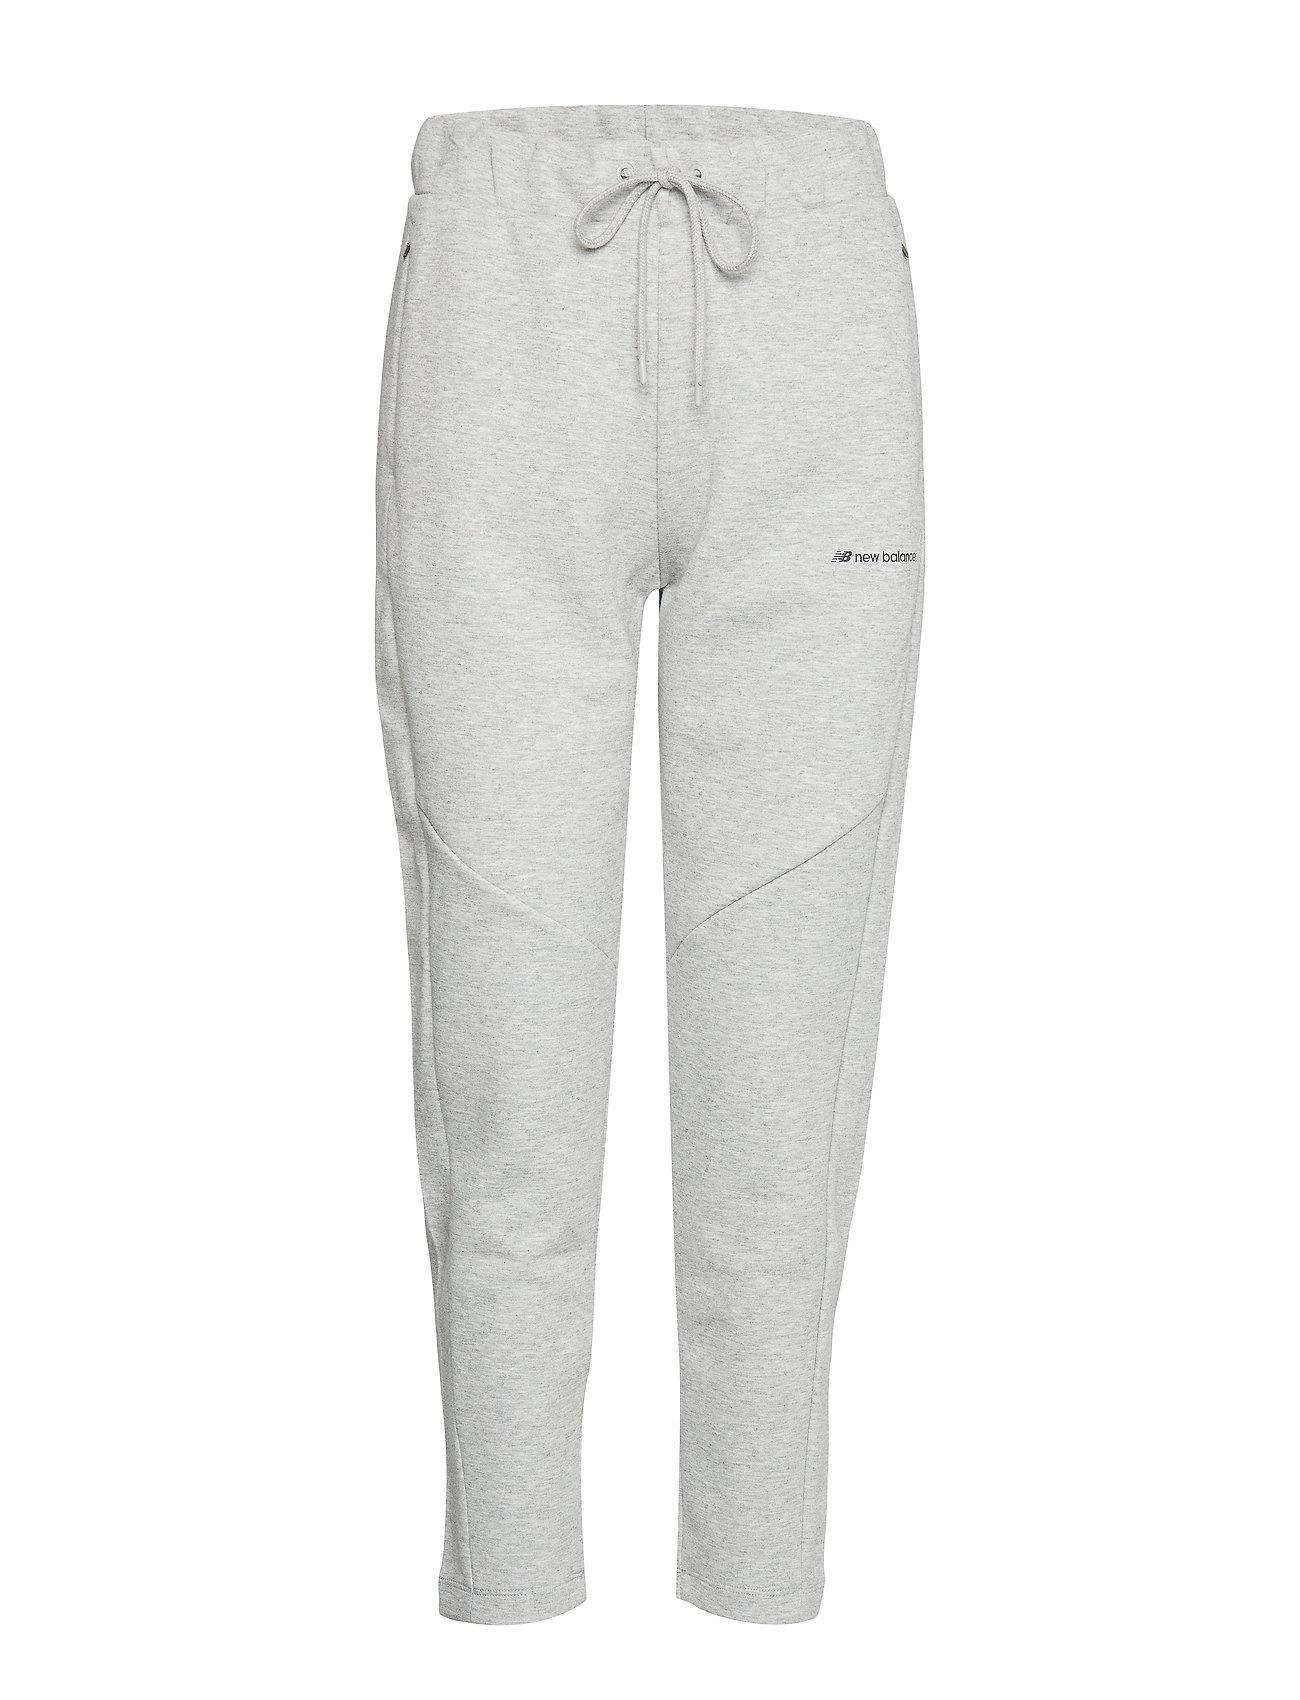 New Balance Sport Style Core Pant